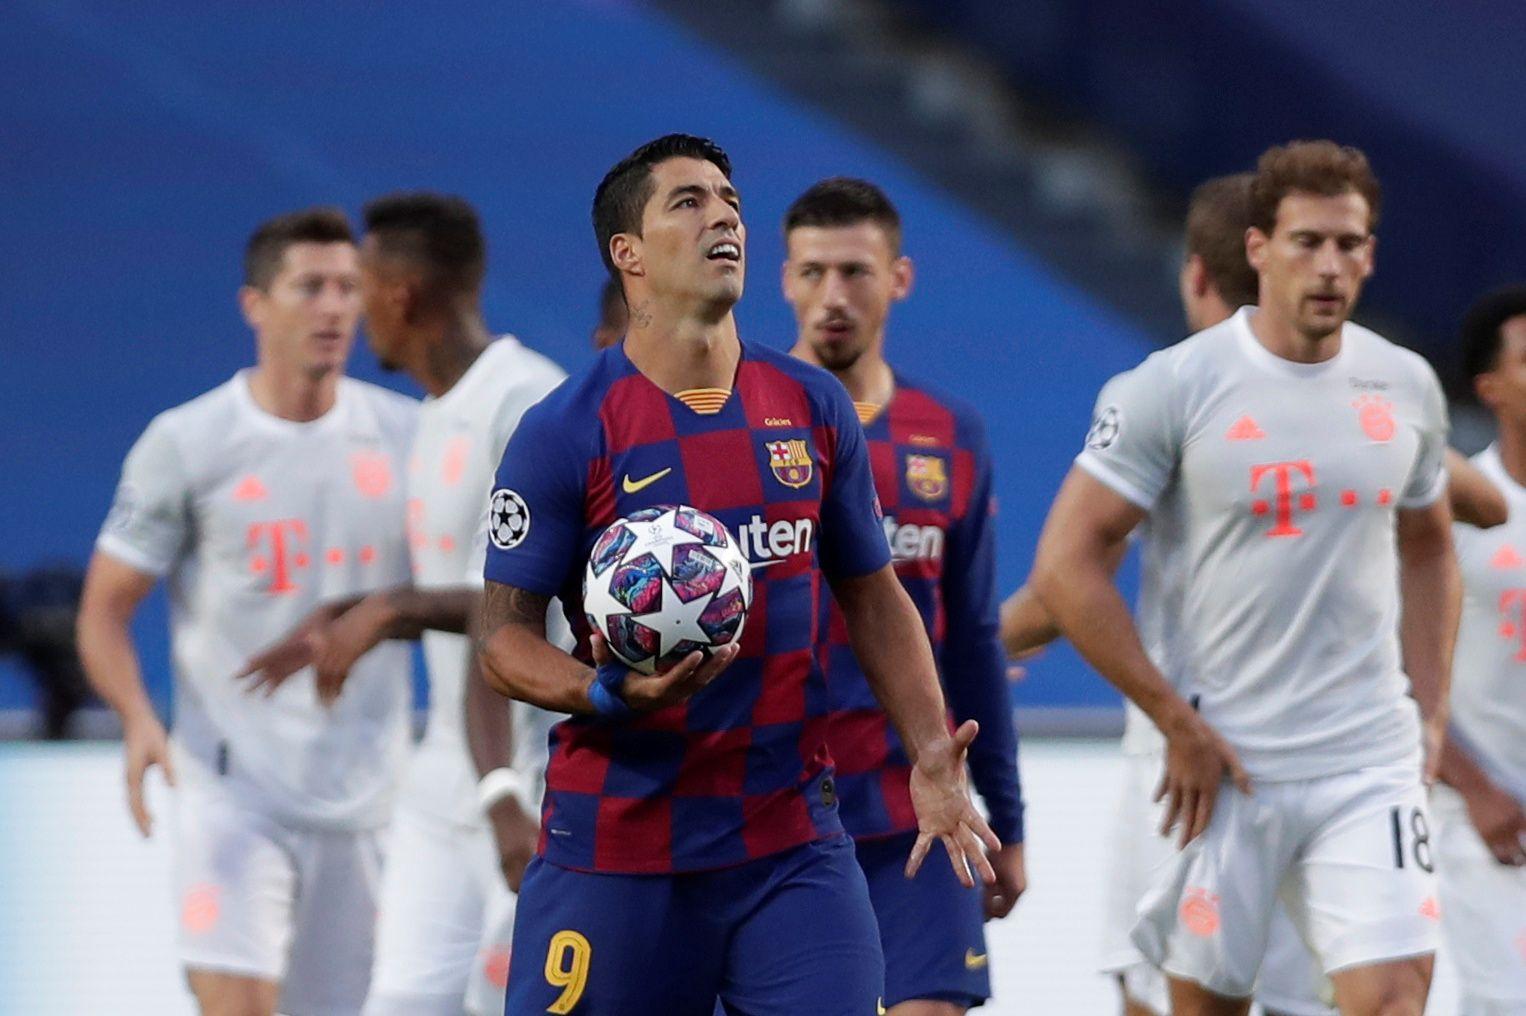 La impotencia de Luis Suárez en la noche de Lisboa: goleada histórica en contra ante Bayern Múnich (Manu Fernandez/Pool via REUTERS)